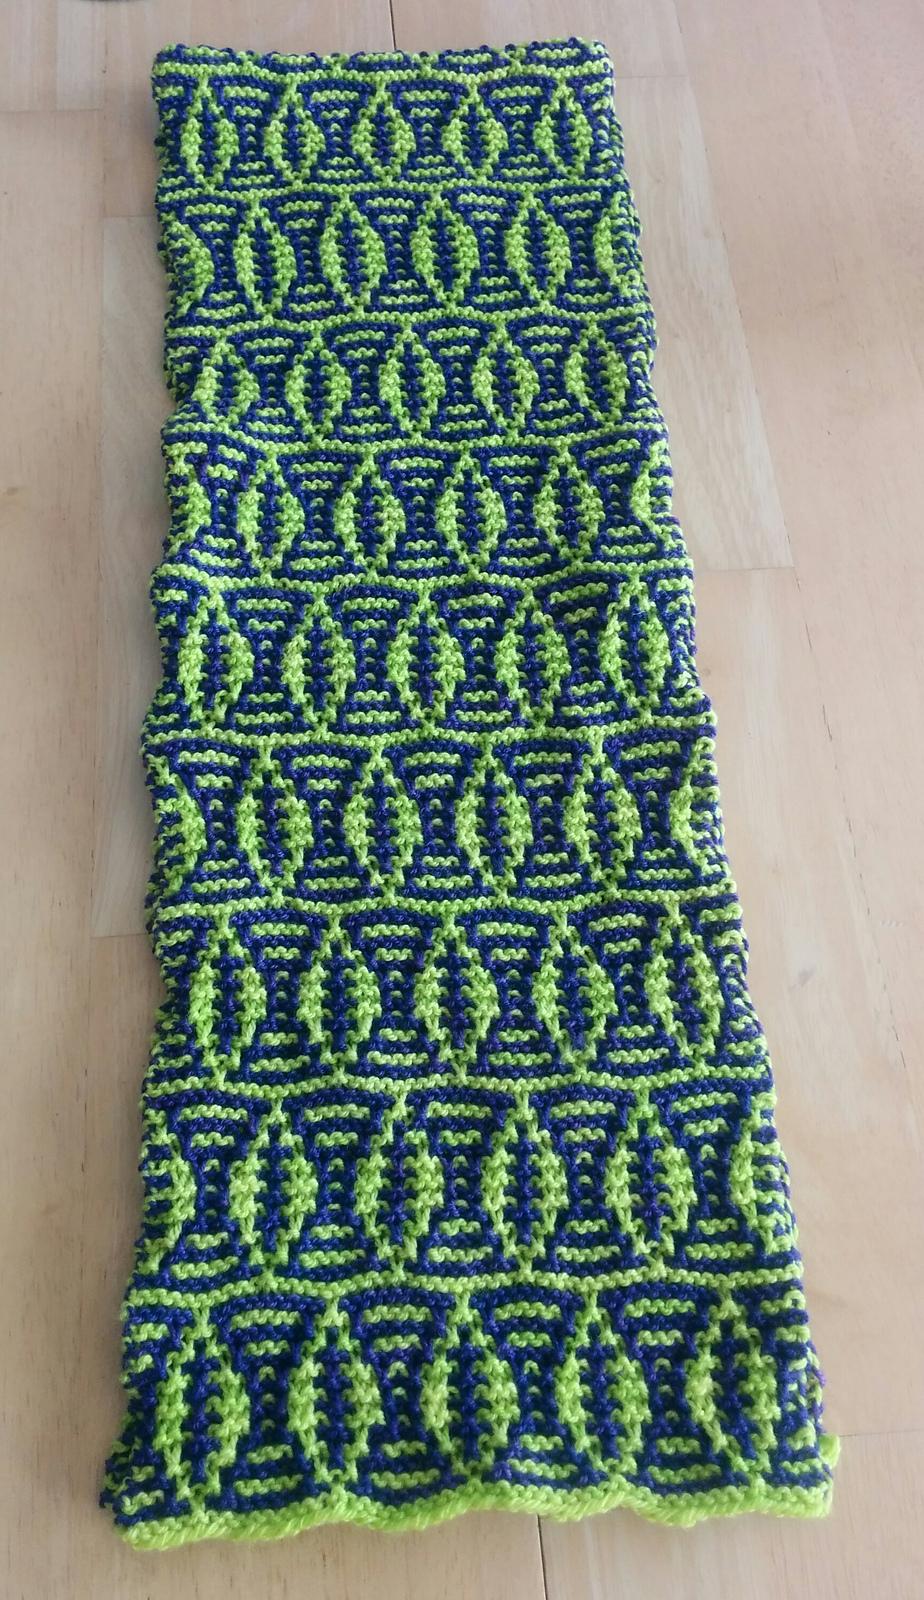 Slip Stitch Knitting Free Mosaic Knitting Patterns Knitfarious